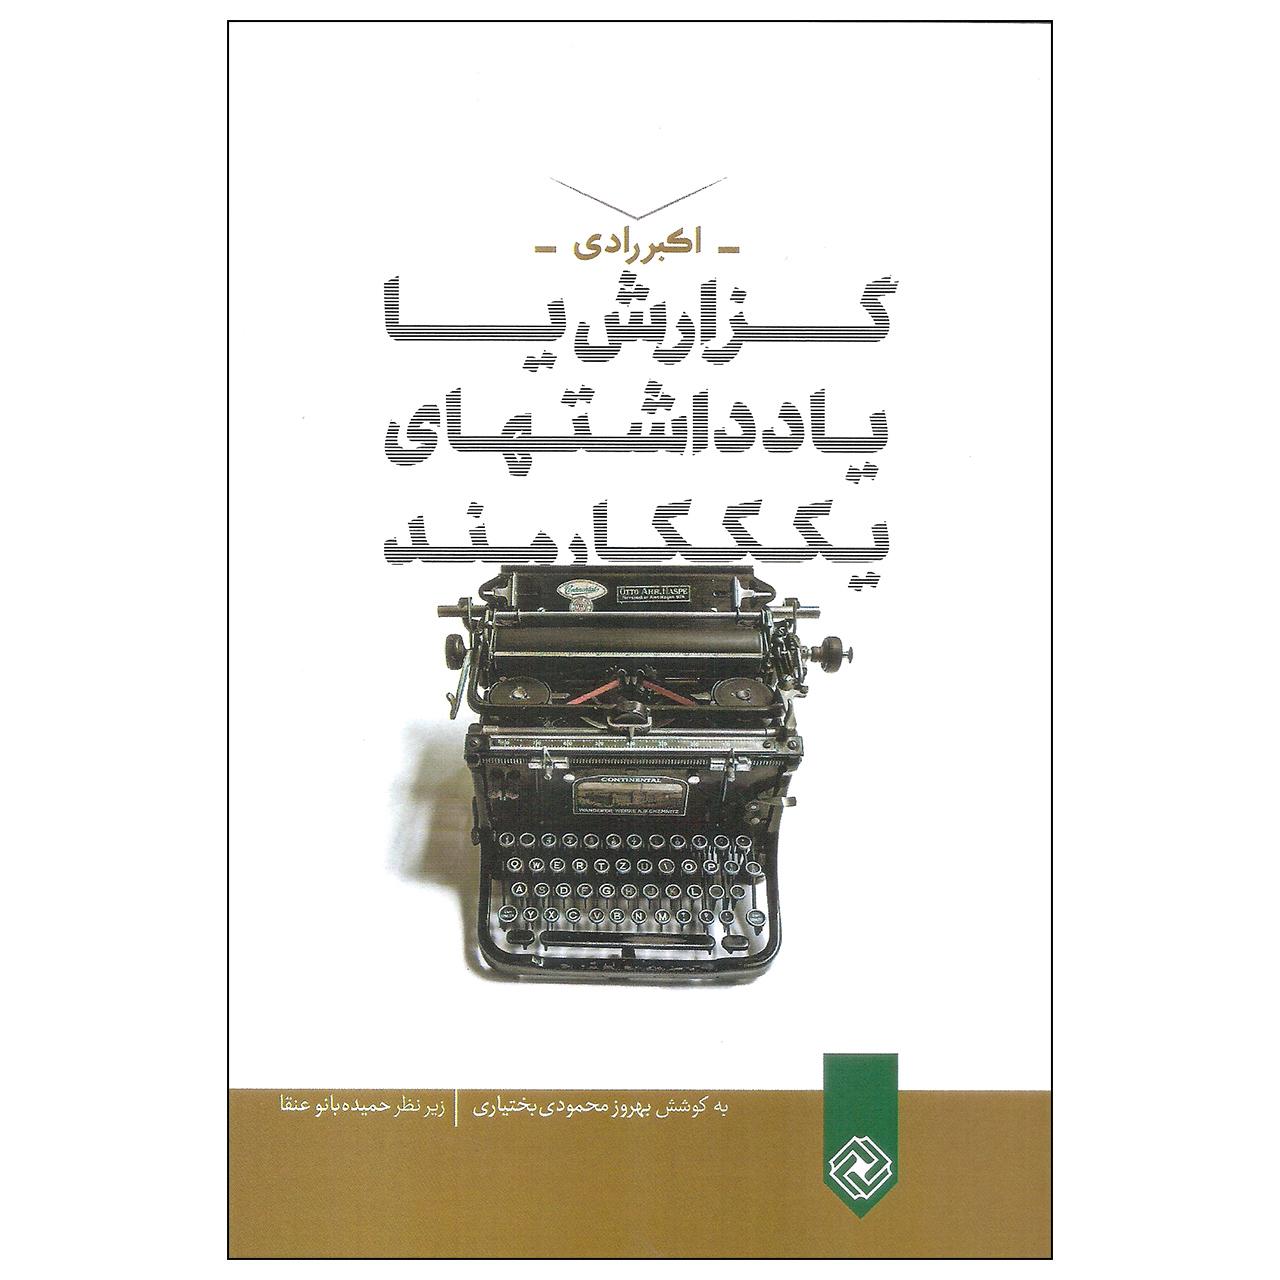 کتاب گزارش یا یادداشت های یک کارمند اثر اکبر رادی انتشارات خاموش